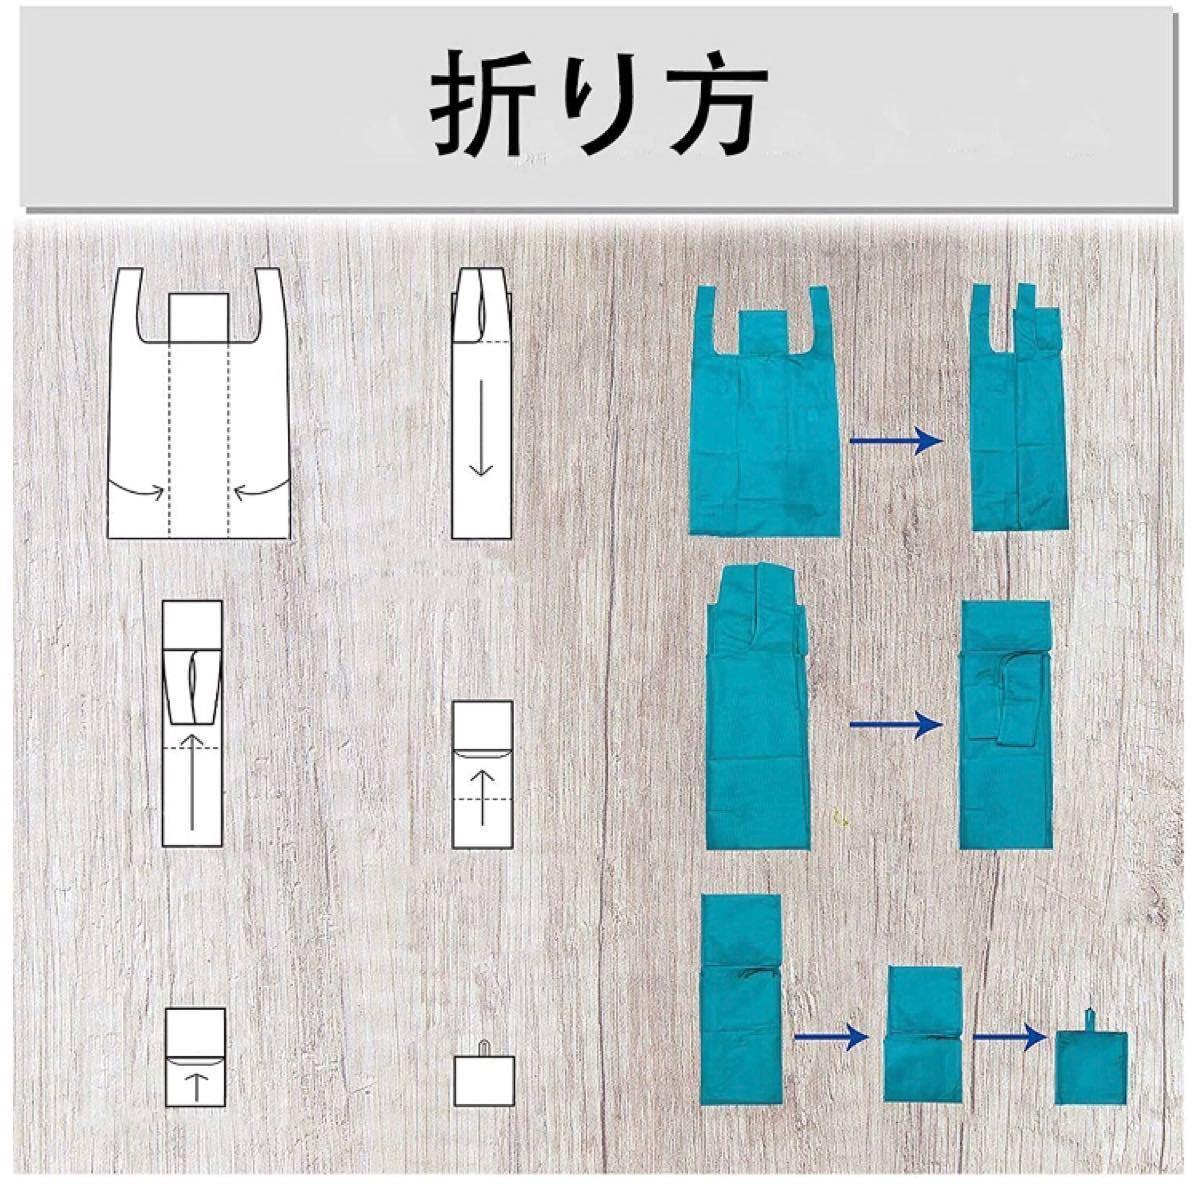 エコバッグ 大容量 防水素材 軽量コンパクト メンズ レディース 1枚 色選べる